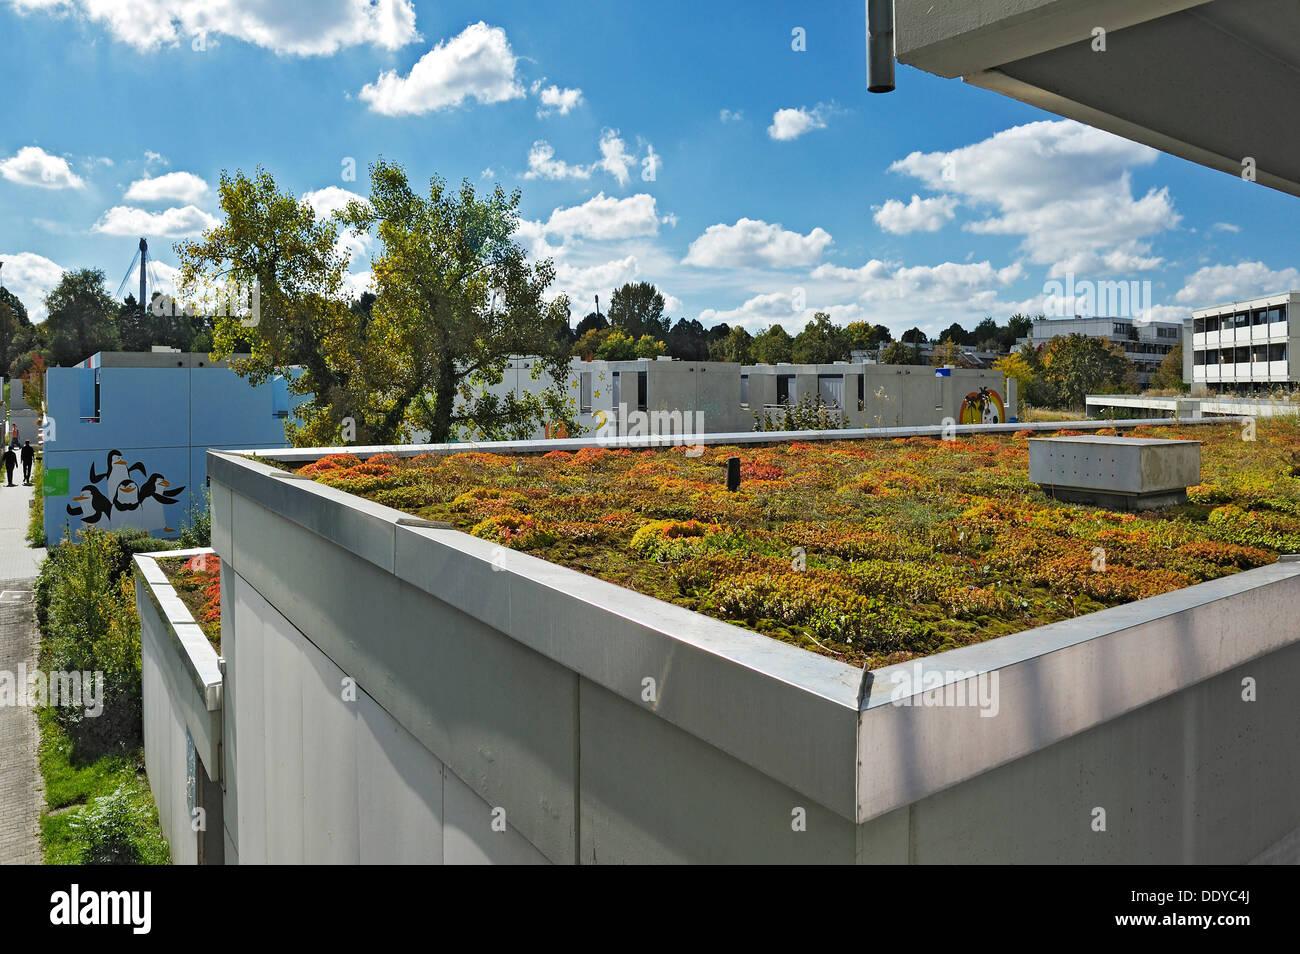 Casa con una verde tetto piatto nell'ex villaggio olimpico, Monaco di Baviera Immagini Stock